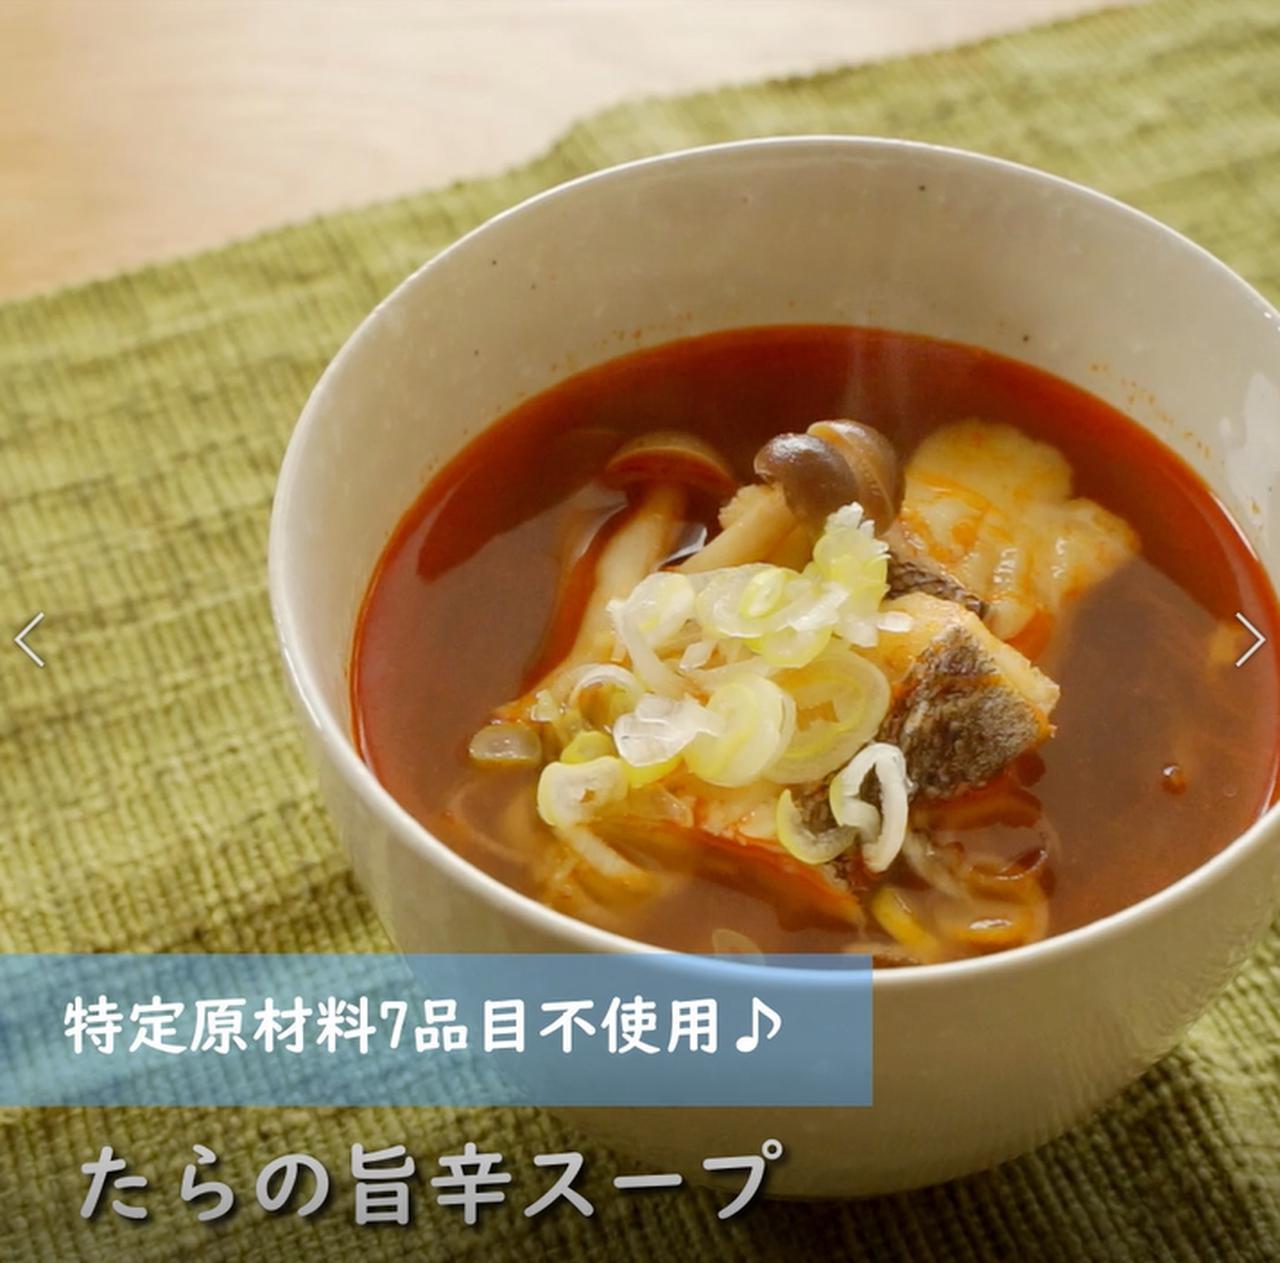 画像: 簡単たらの辛旨スープ - 君とごはん